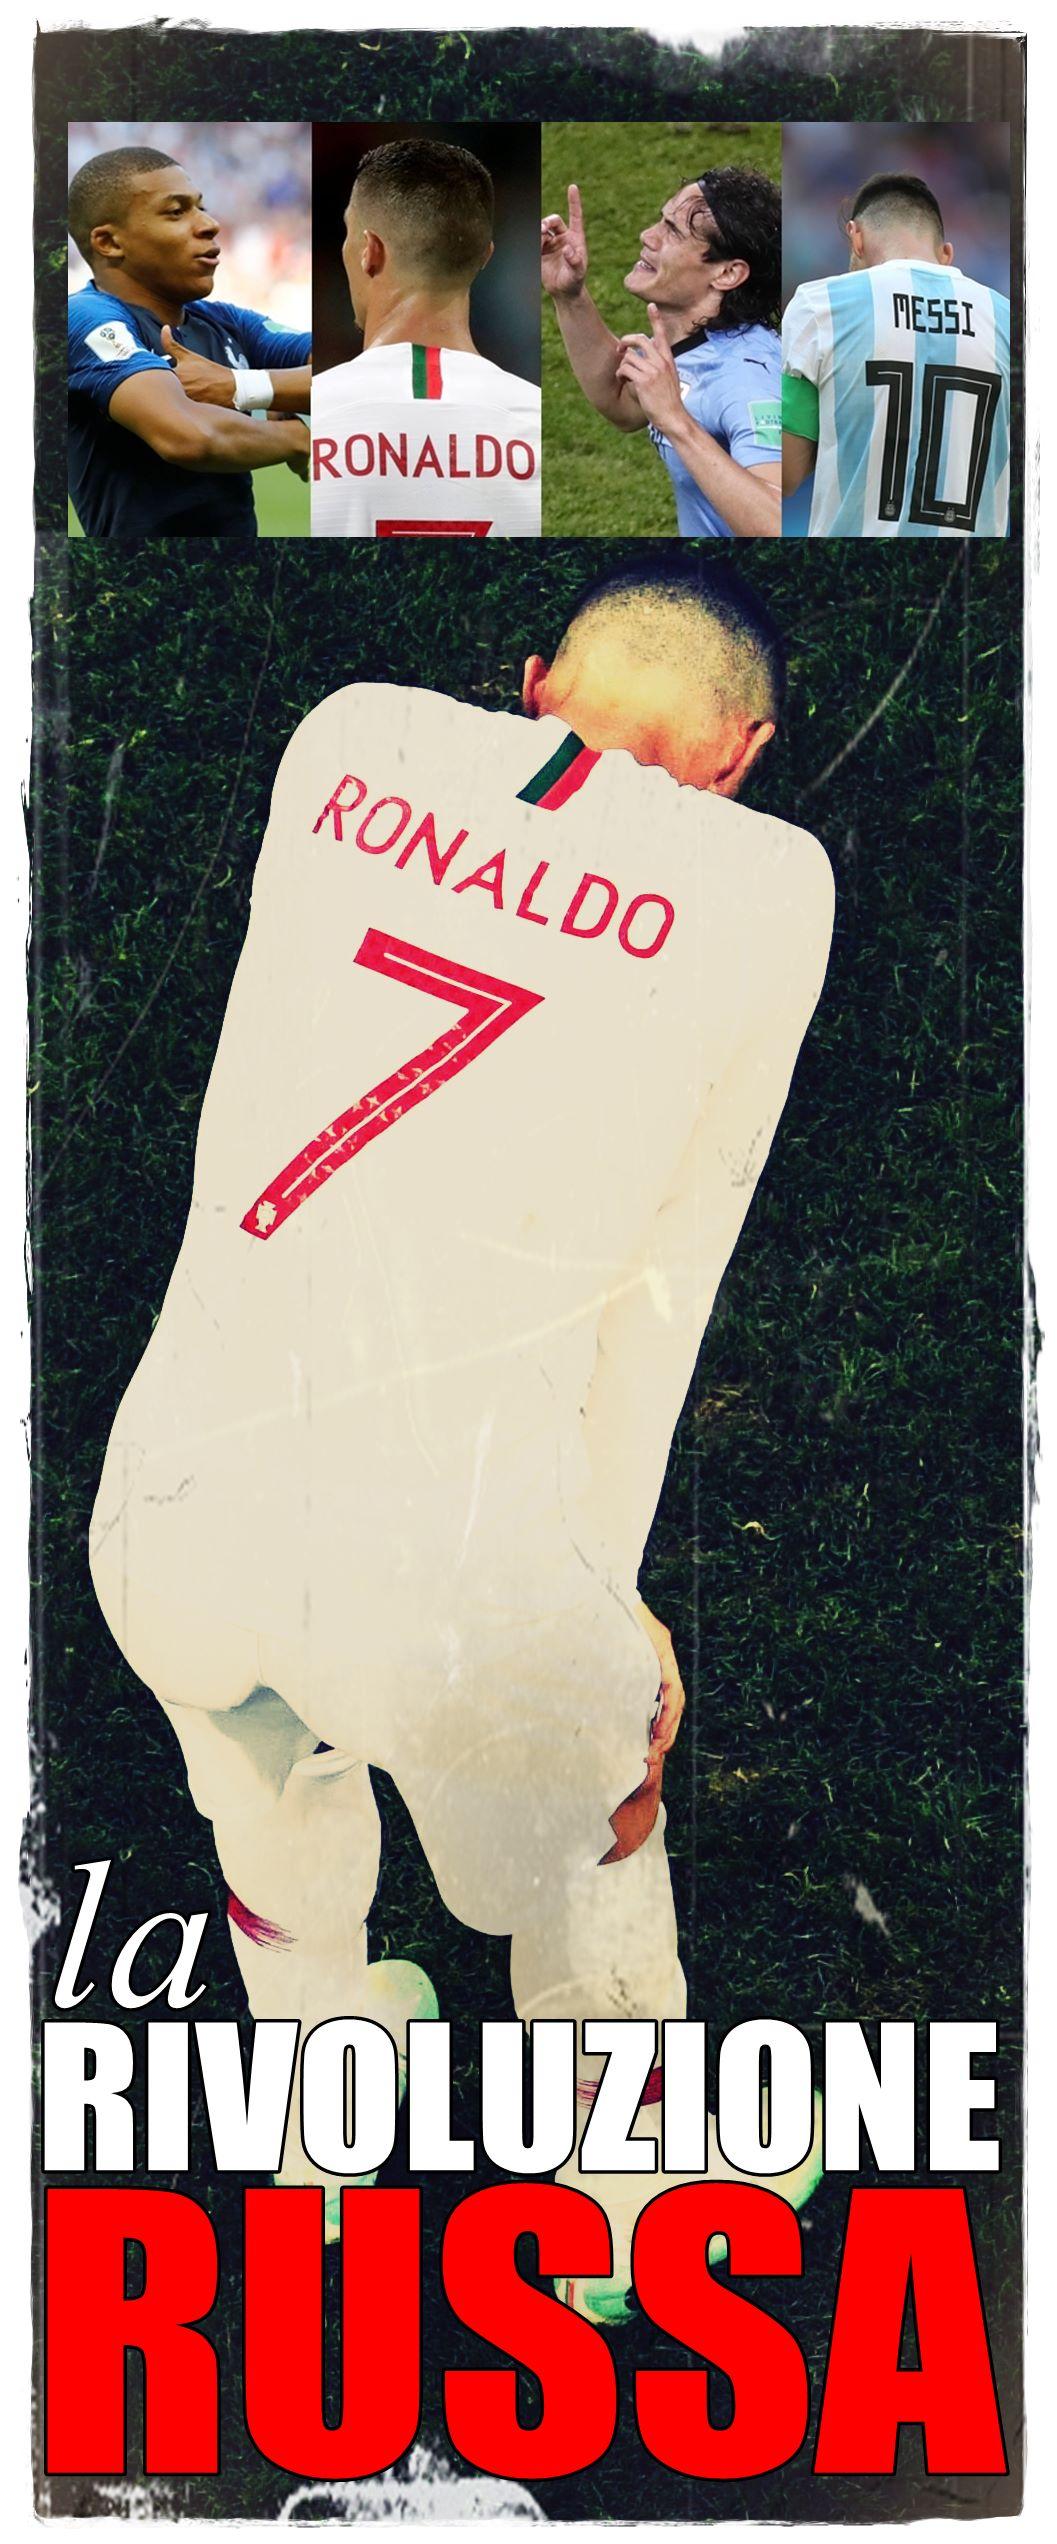 Ronaldo eliminato 1